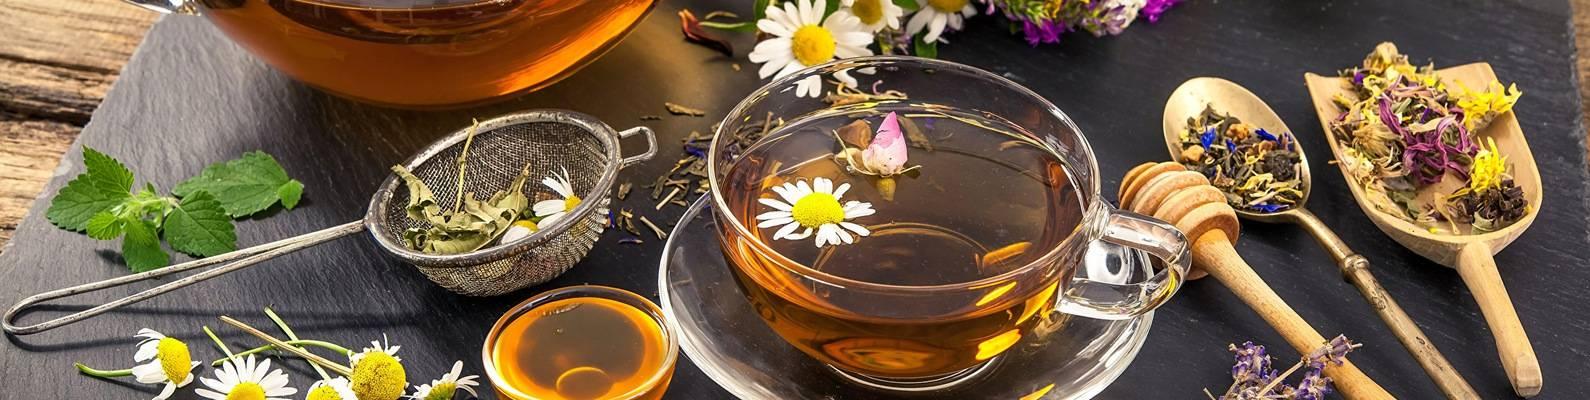 Травяные чаи. рецепты травяных чаев, советы как приготовить вкусные и полезные для здоровья чаи в домашних условиях.